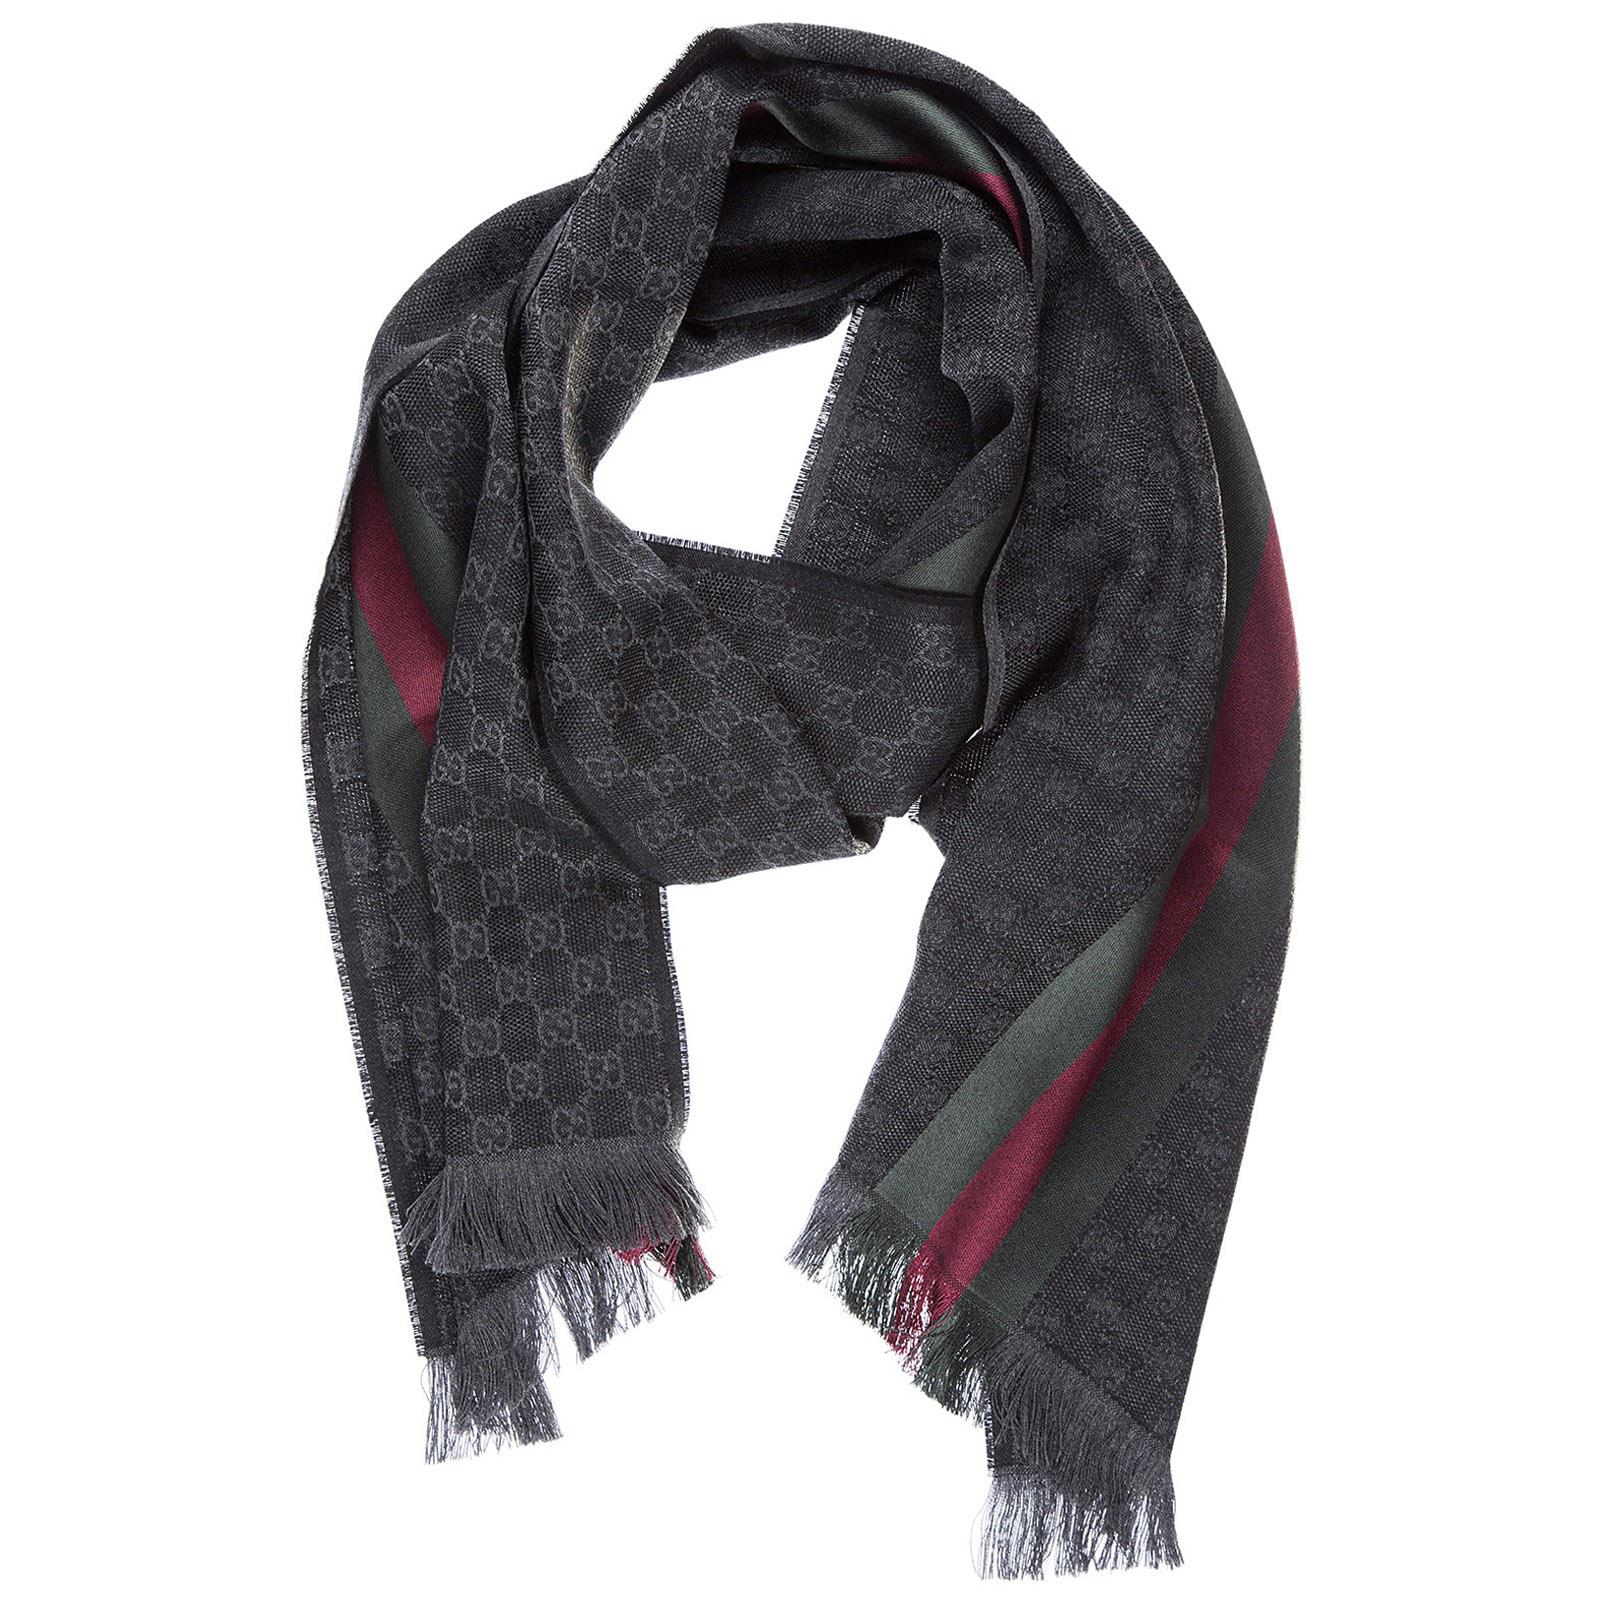 informazioni per 8f357 6e400 Sciarpa uomo in lana jacquard